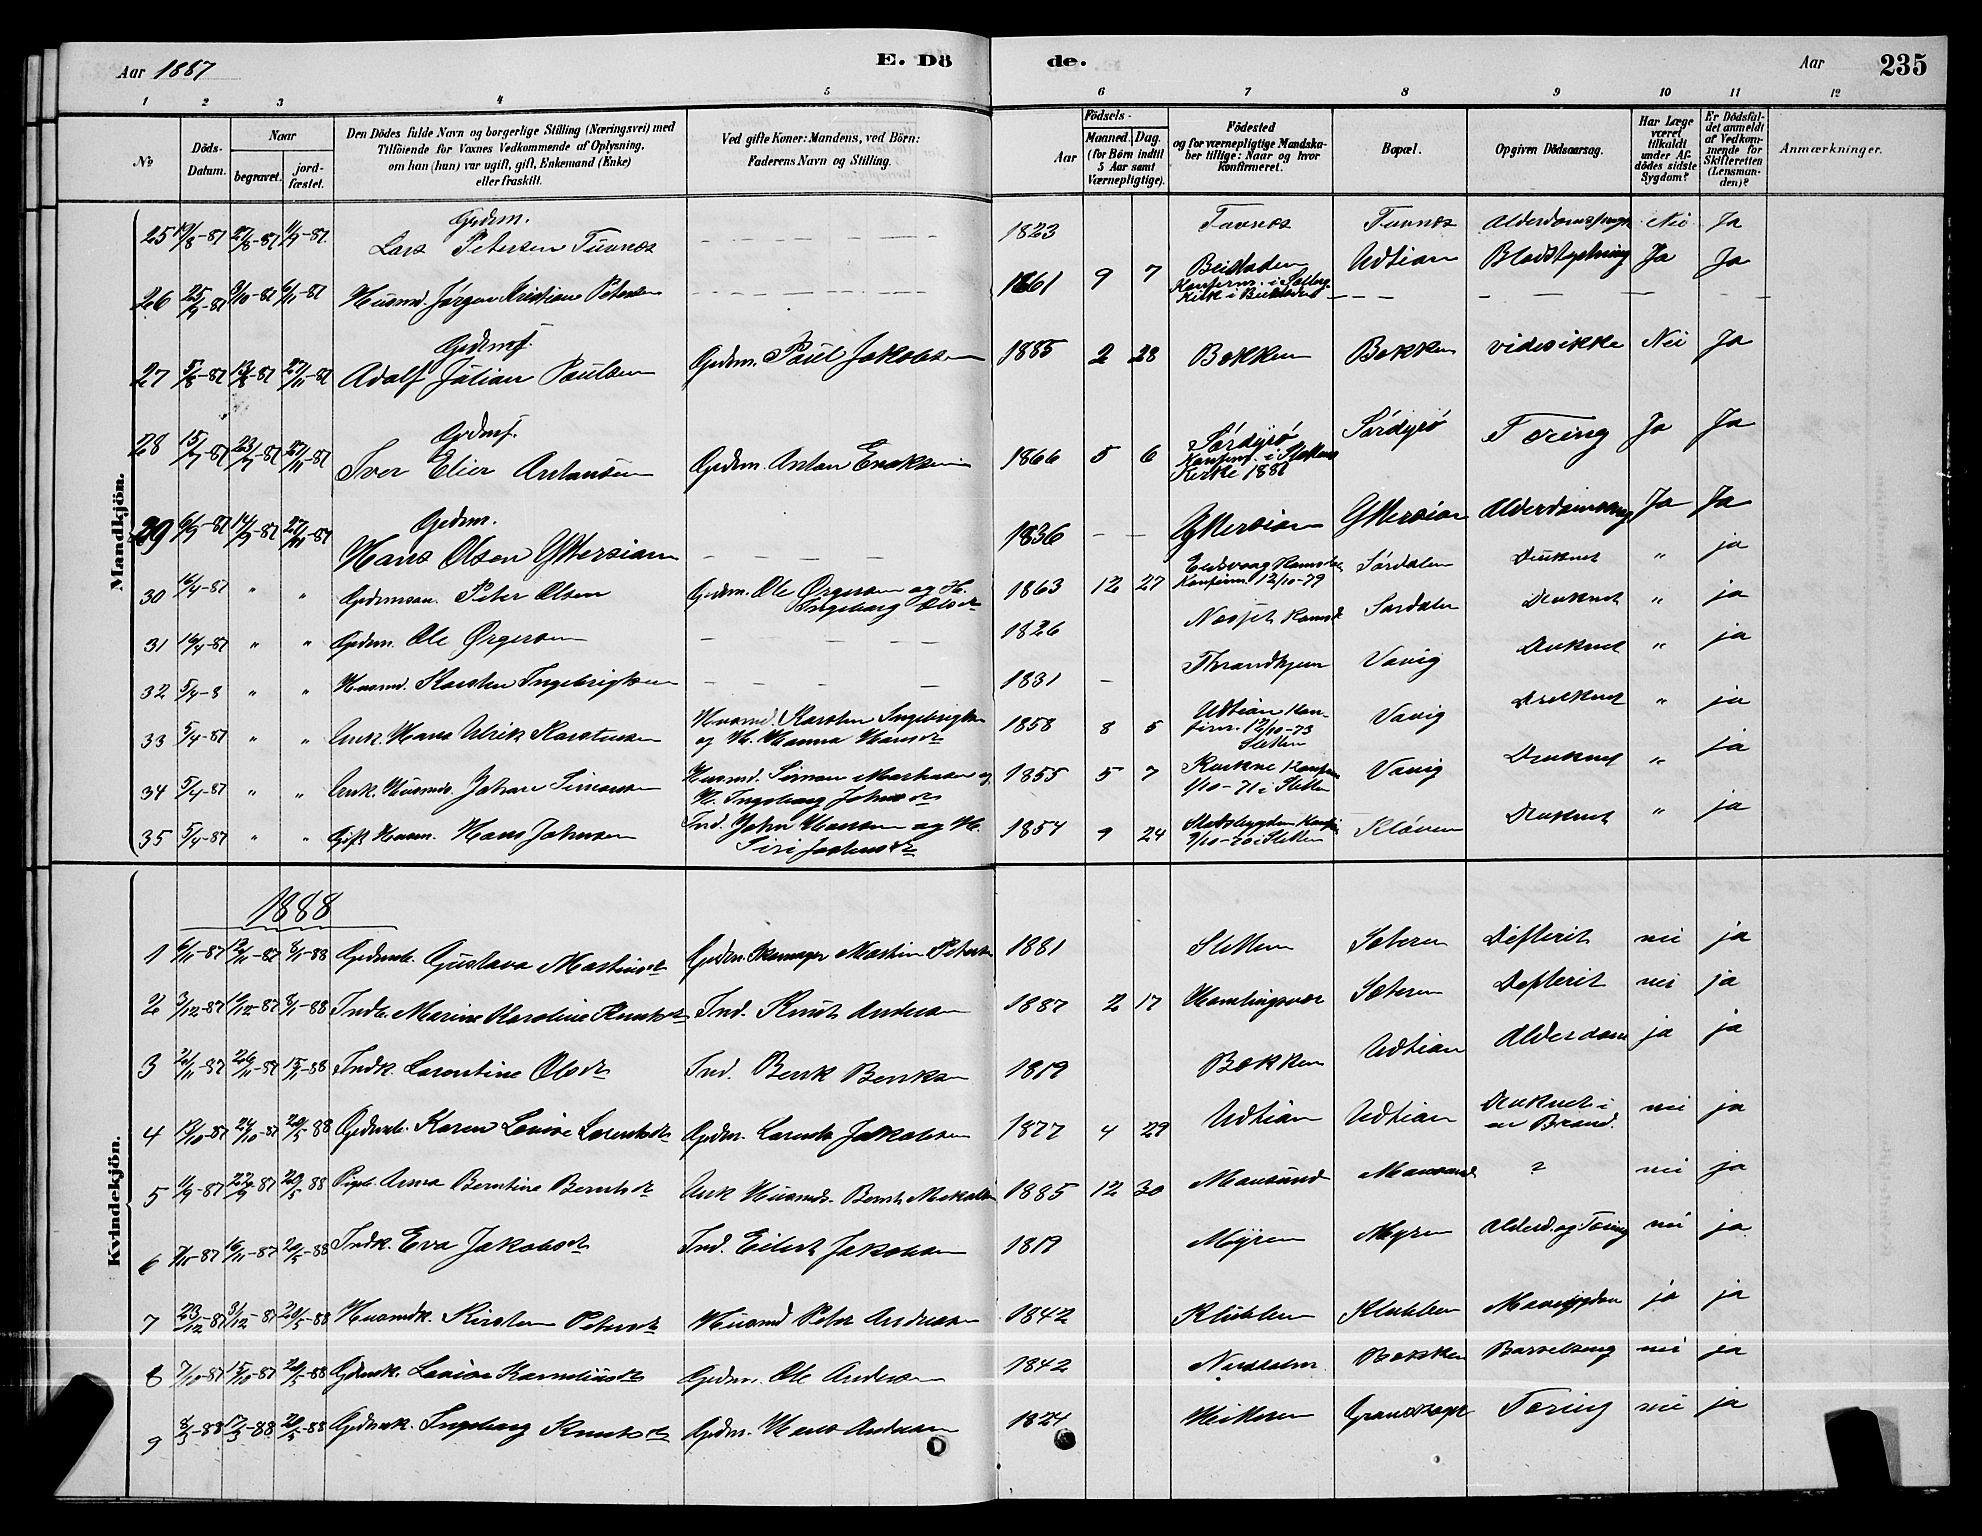 SAT, Ministerialprotokoller, klokkerbøker og fødselsregistre - Sør-Trøndelag, 640/L0585: Klokkerbok nr. 640C03, 1878-1891, s. 235